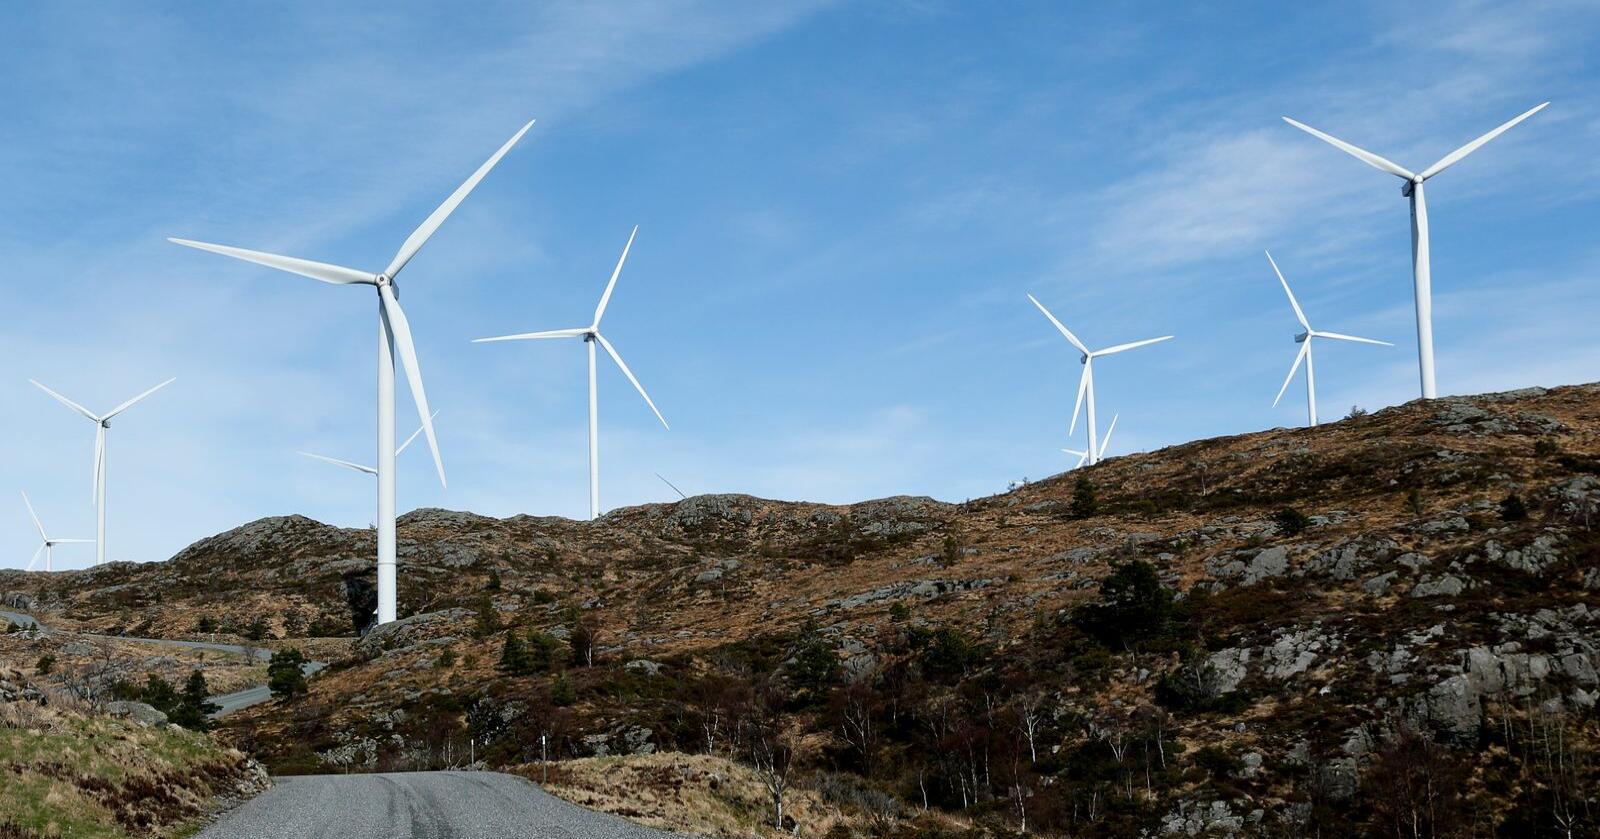 Byggingen av vindkraftparker krever utenlandsk arbeidskraft. Vindkraftbransjen vil derfor ha status som samfunnskritisk virksomhet for å unngå koronareglene. Illustrasjonsfoto: Jan Kåre Ness / NTB scanpix